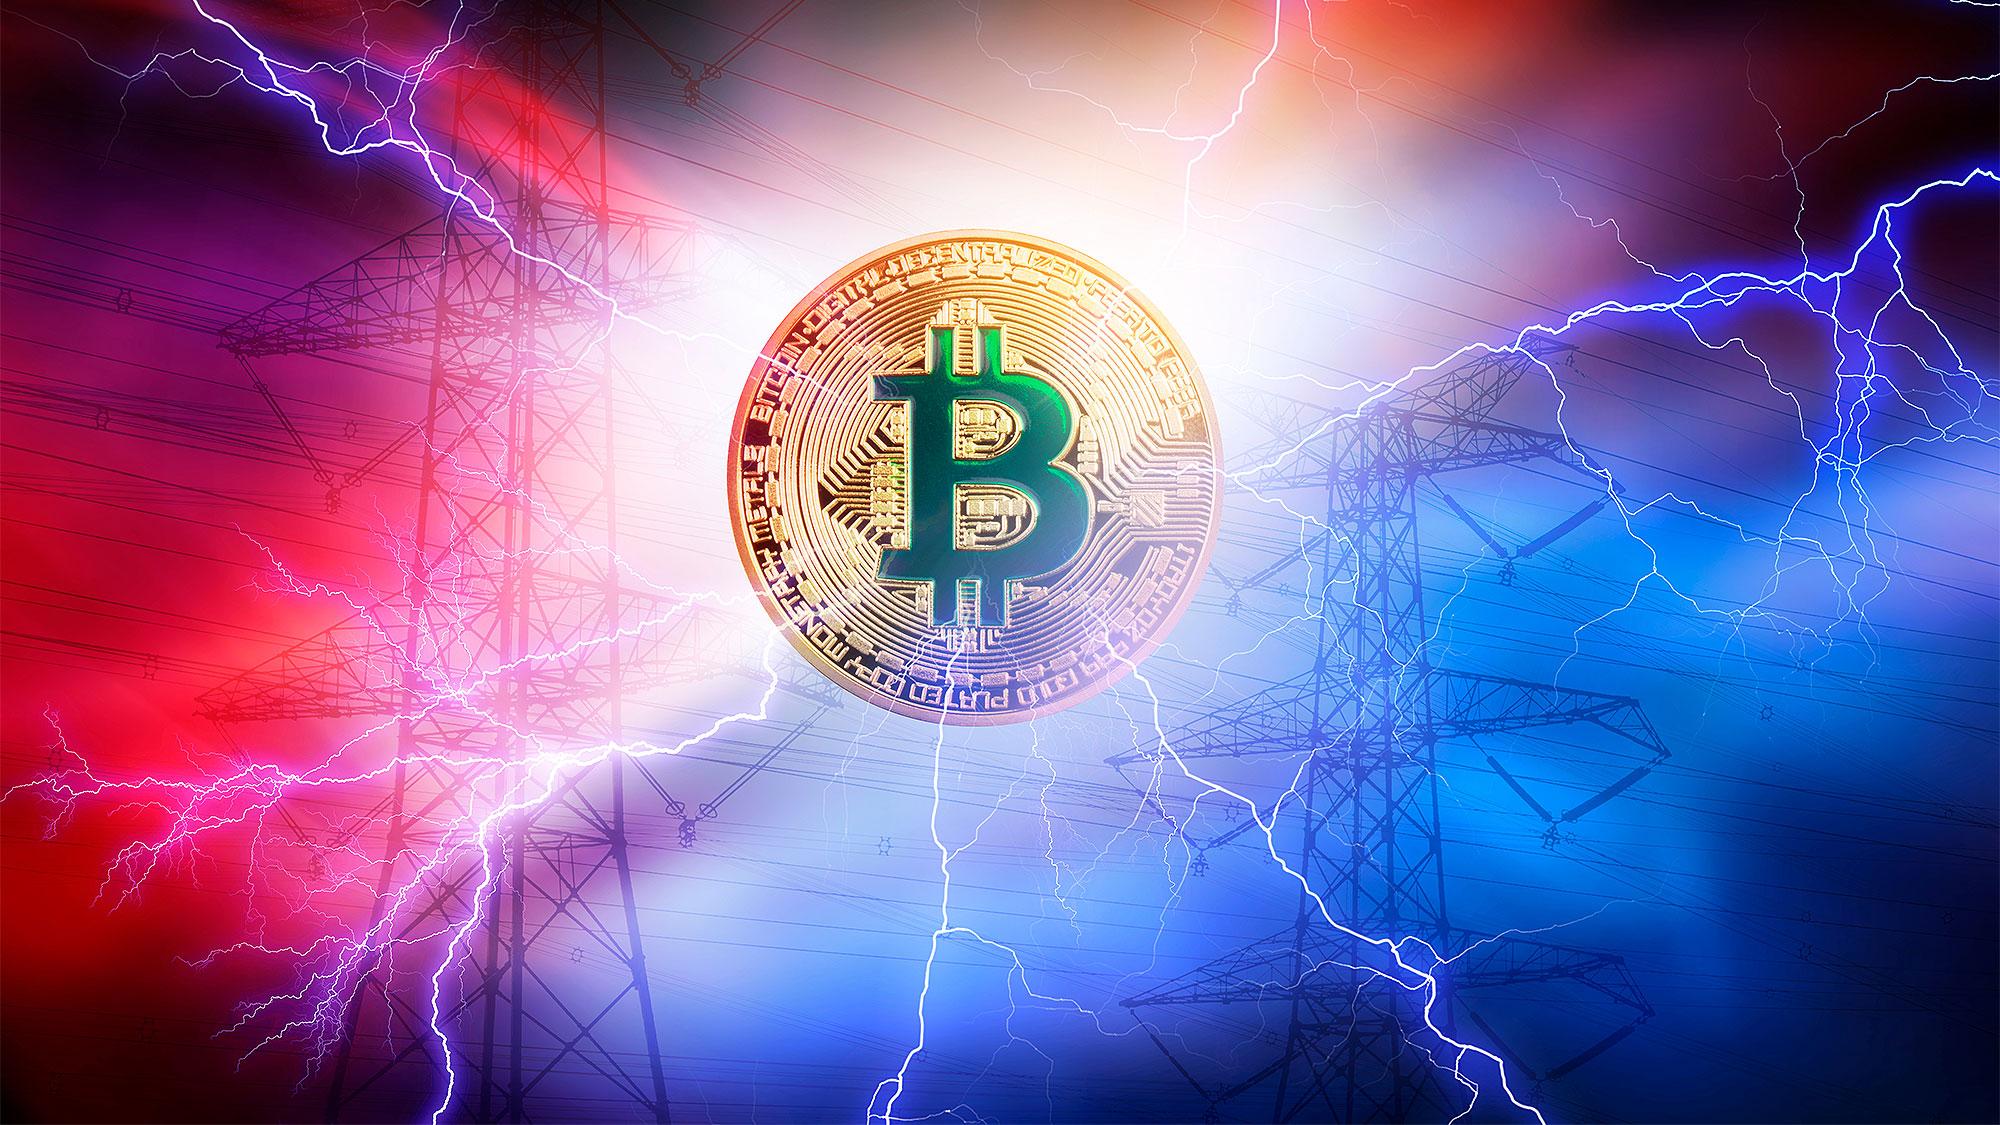 Хватит майнить: Тарифы на электроэнергию повысят из-за криптовалюты